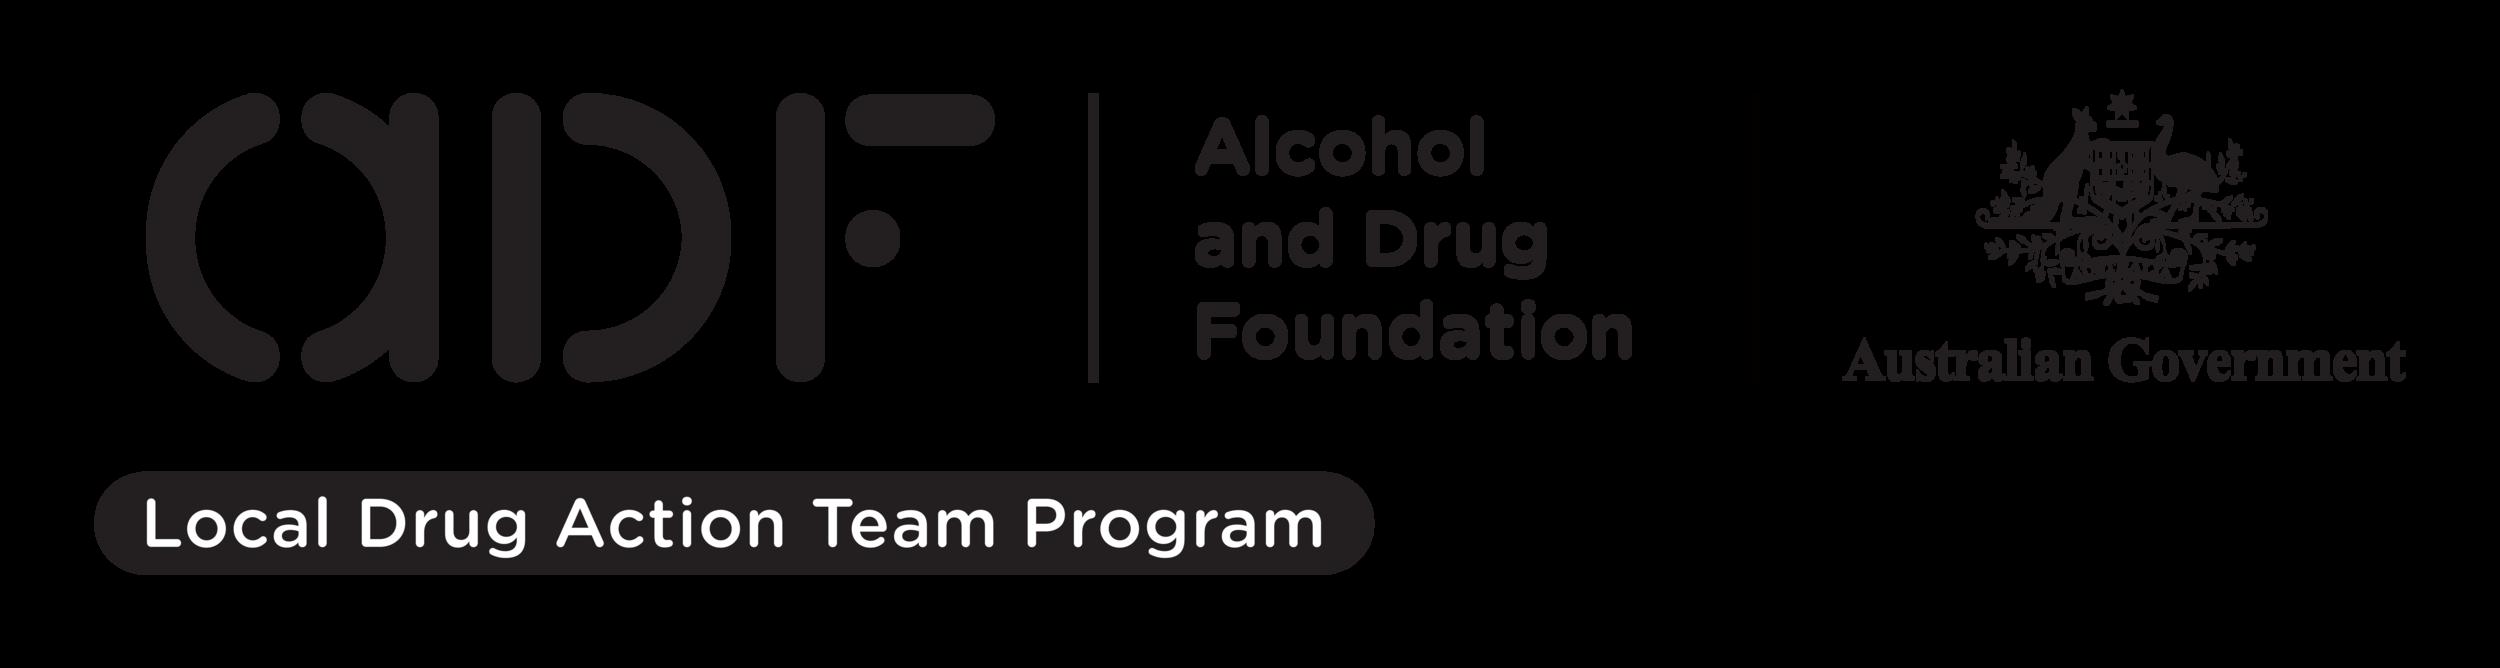 ADF-LDAT-logo-png.png